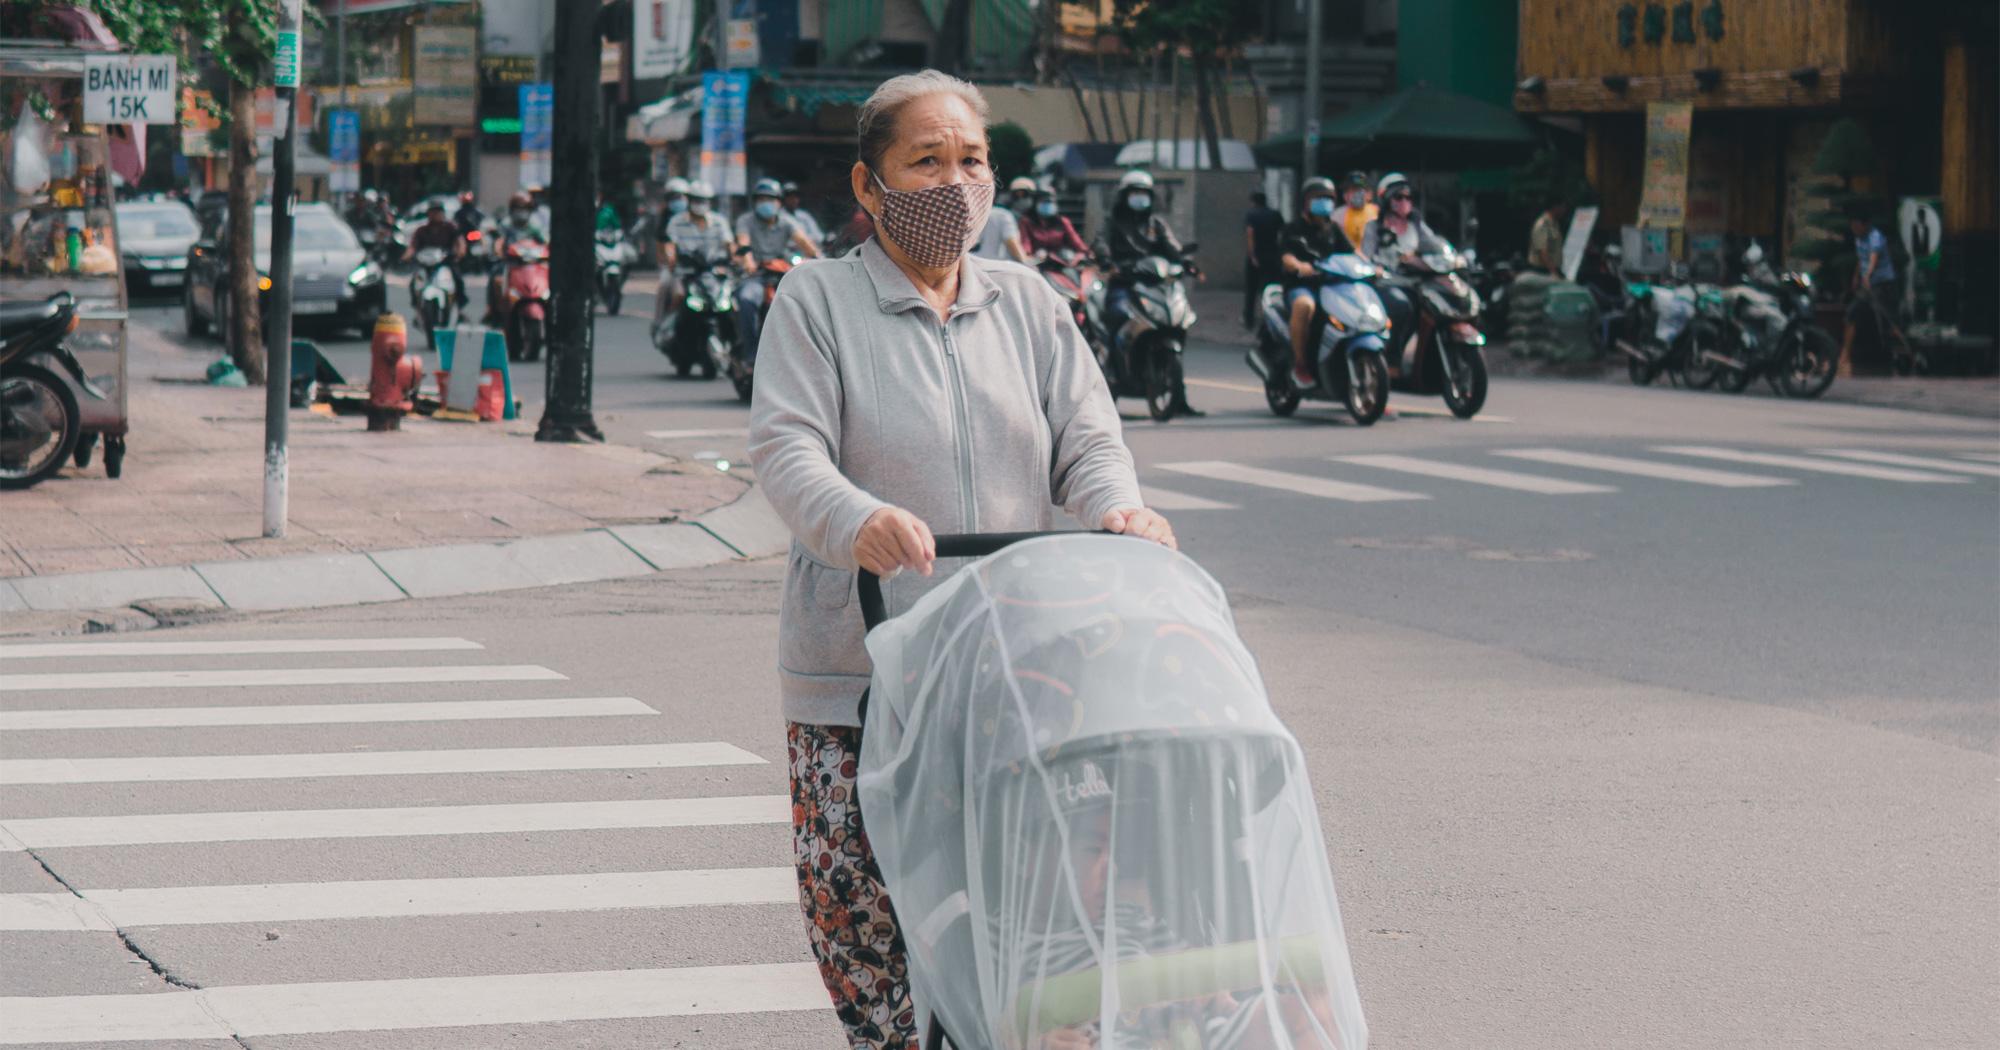 ベトナム・ハノイのコロナウイルスの第一波が収束した時の状況をお伝えします。